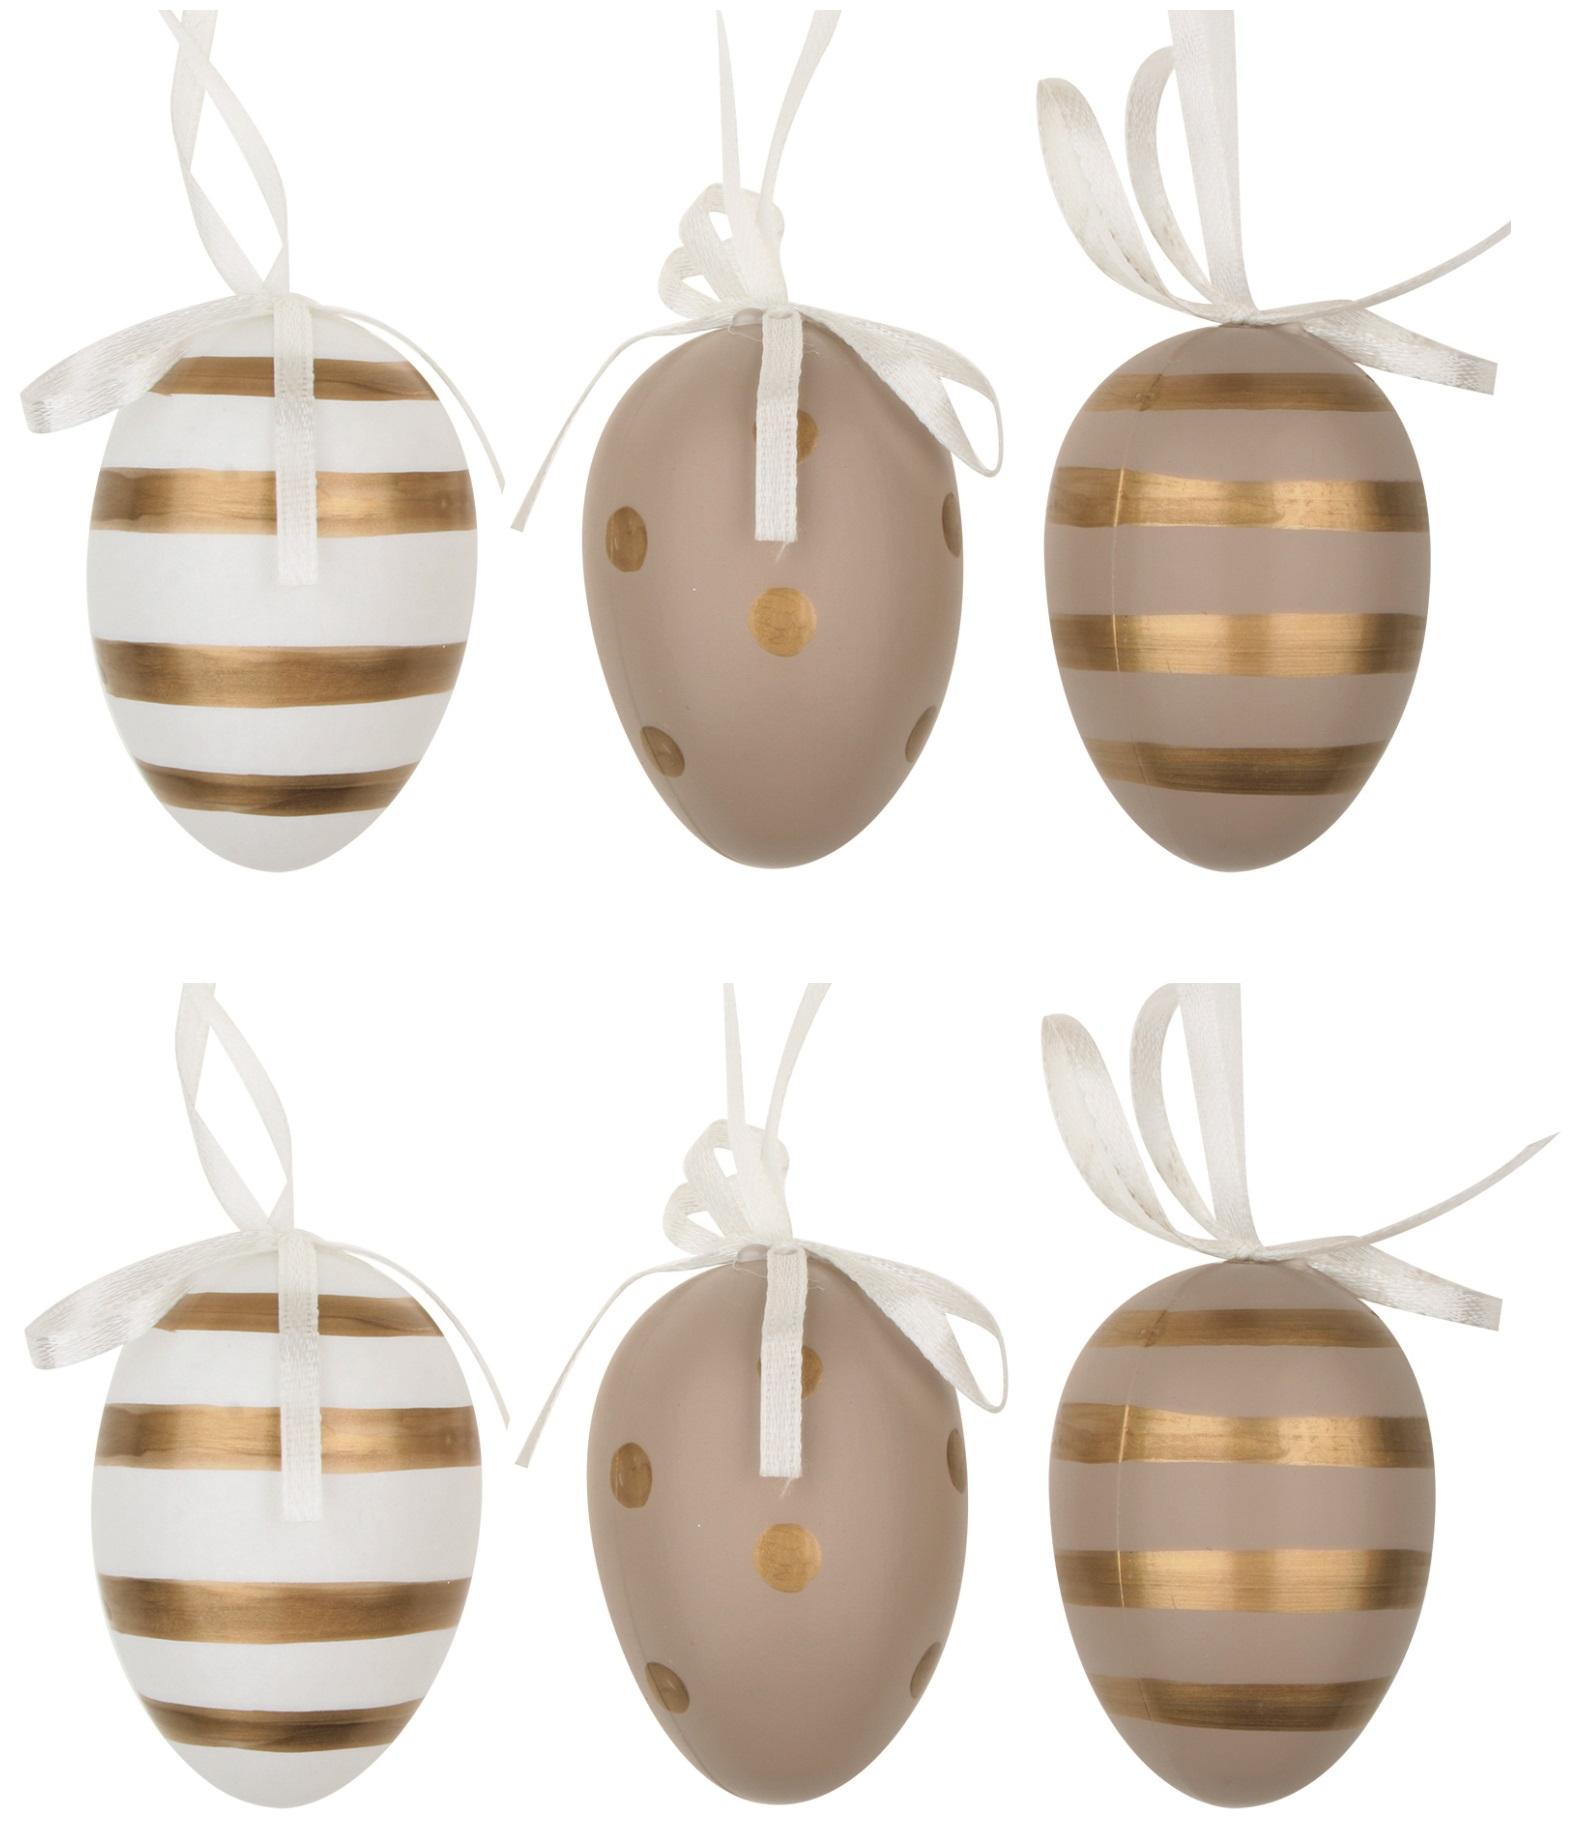 Vajíčka se zlatými proužky a puntíky plastová na zavěšení 6 cm, 6 ks v sáčku